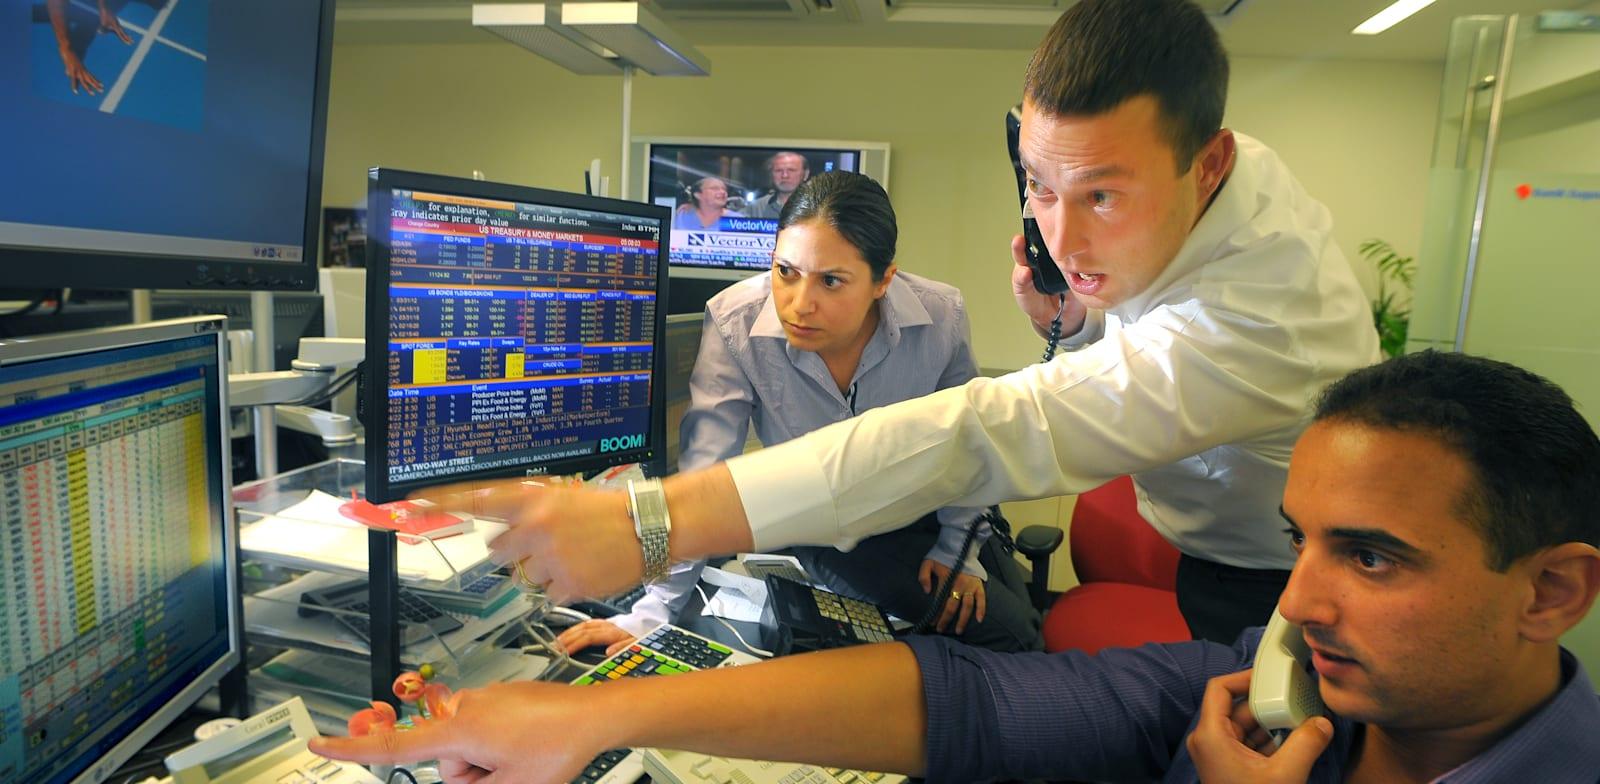 חדר מסחר בניירות ערך. כששוקי המניות נפלו, המוסדיים היו צריכים גישה מהירה לדולרים / צילום: איל יצהר